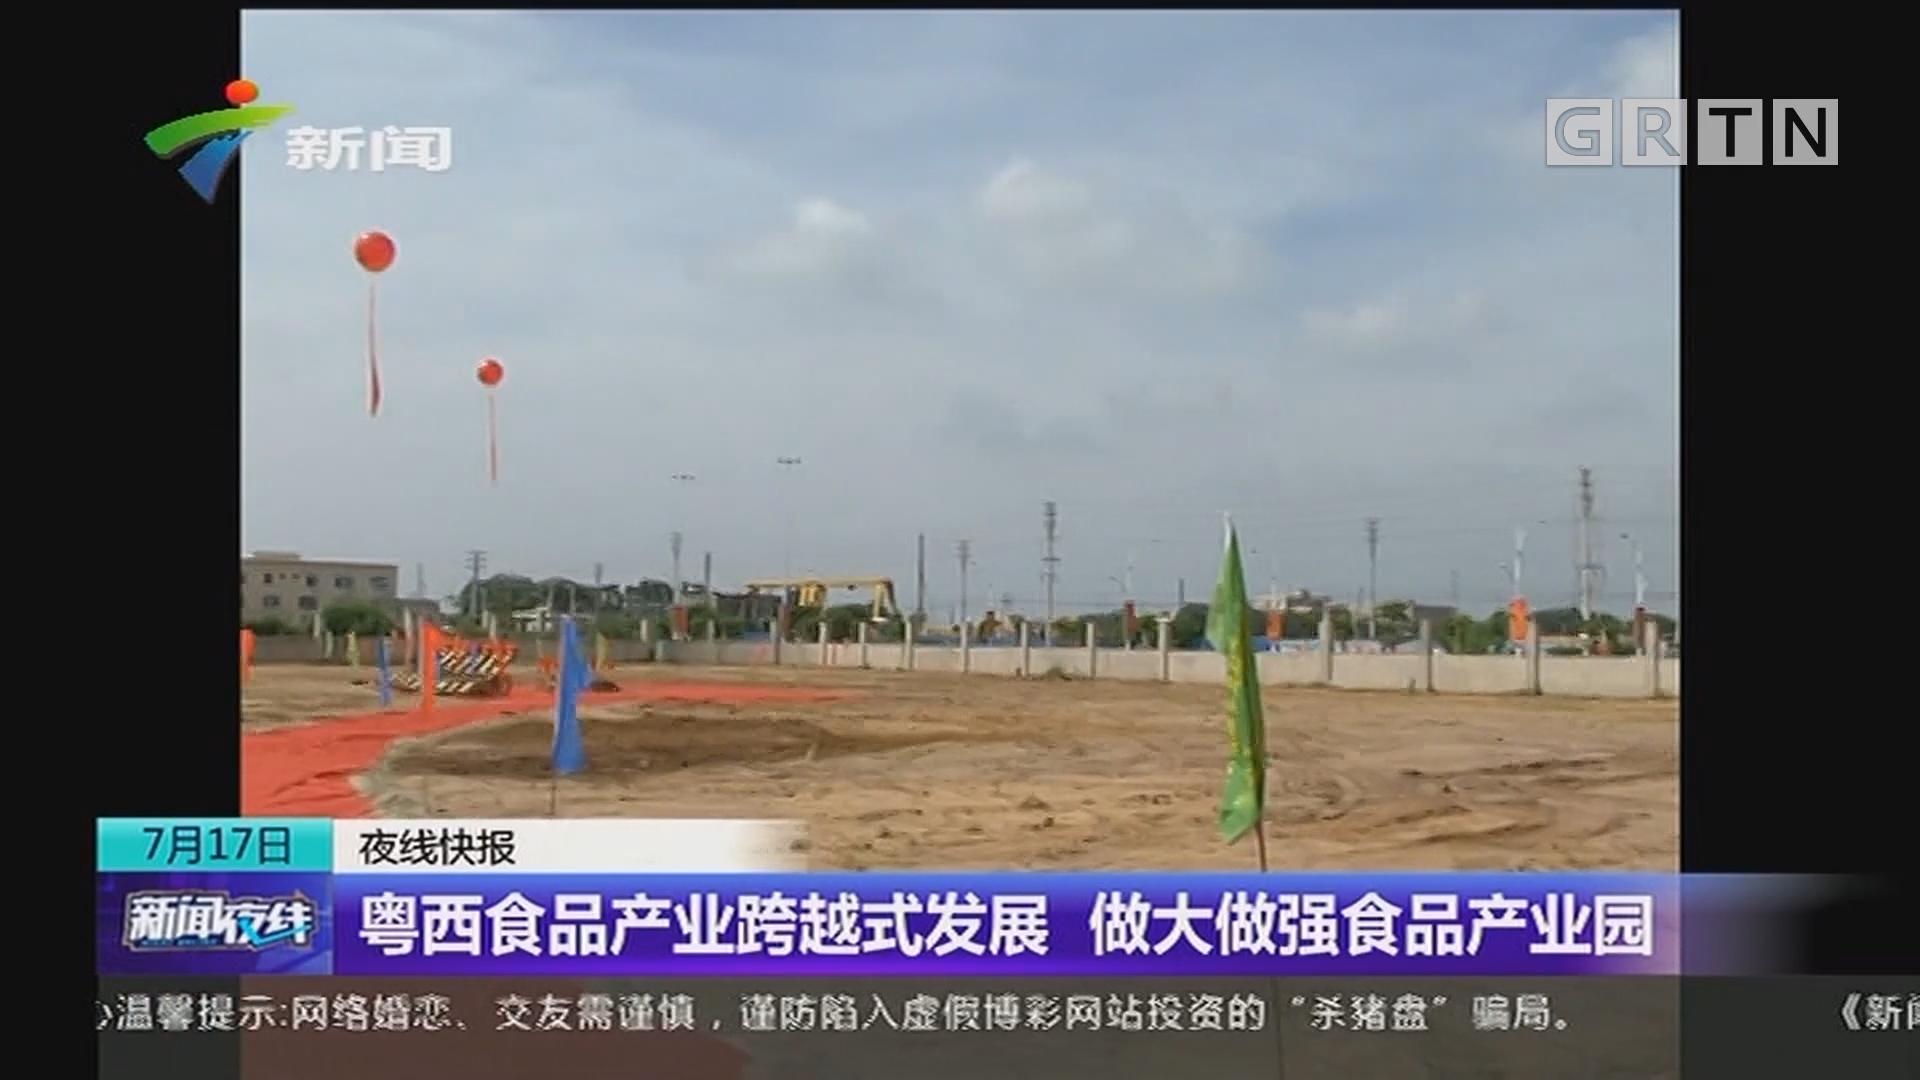 粤西食品产业跨越式发展 做大做强食品产业园